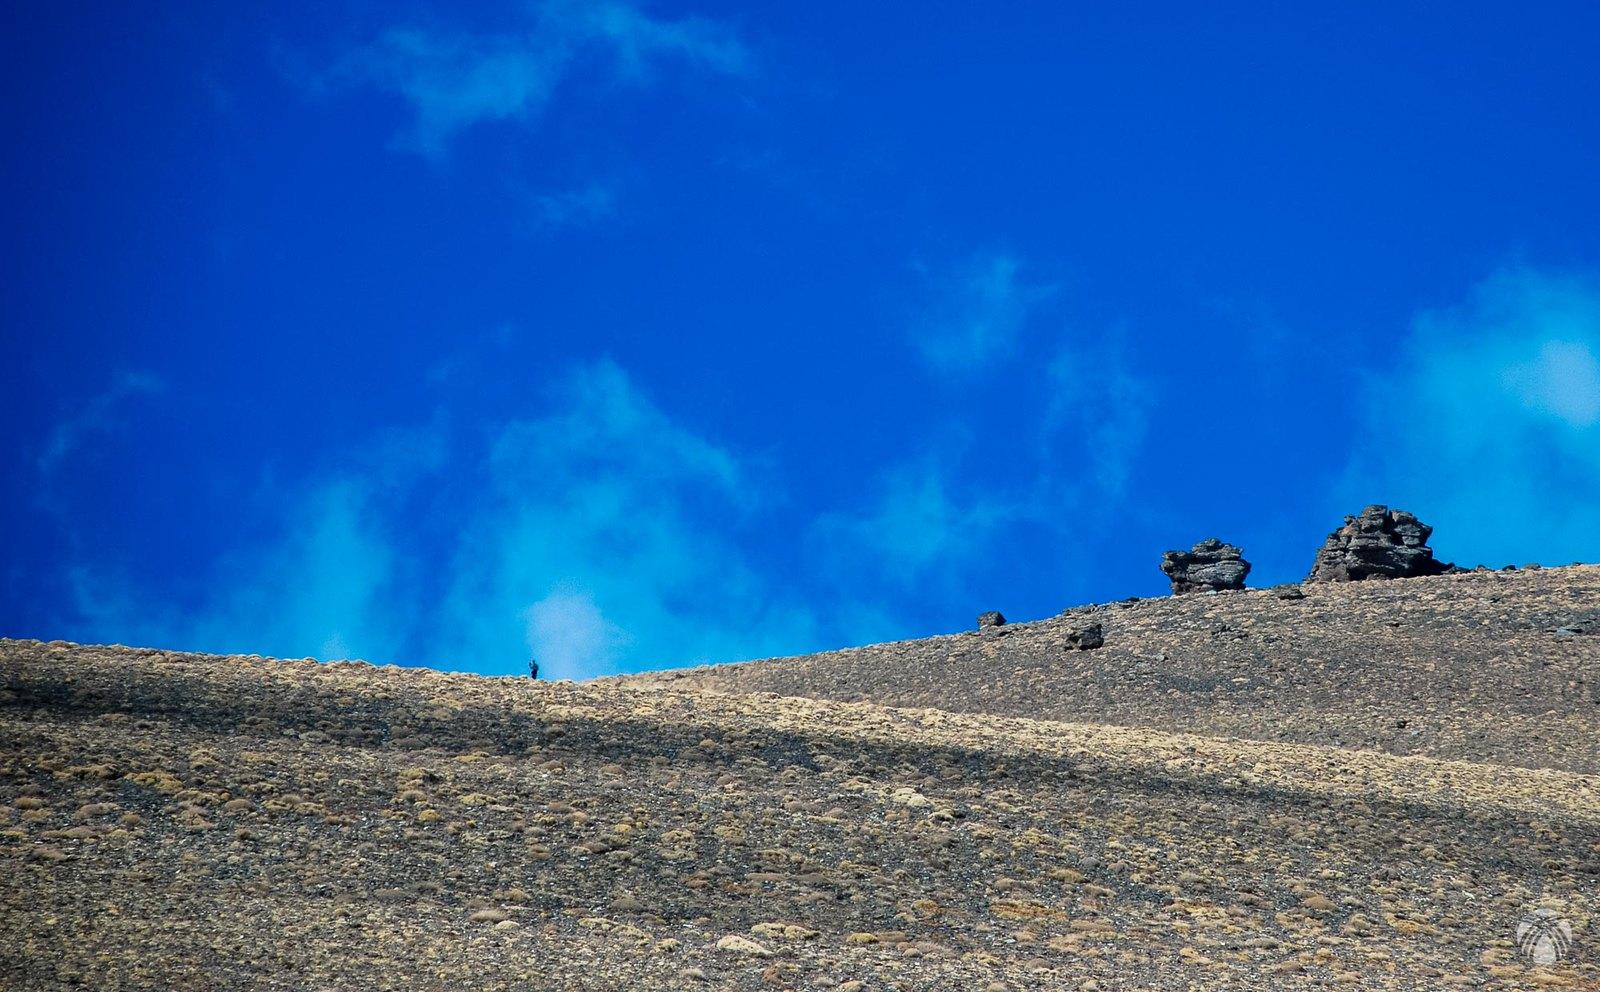 Montañero solitario hacia Cerro Pelao